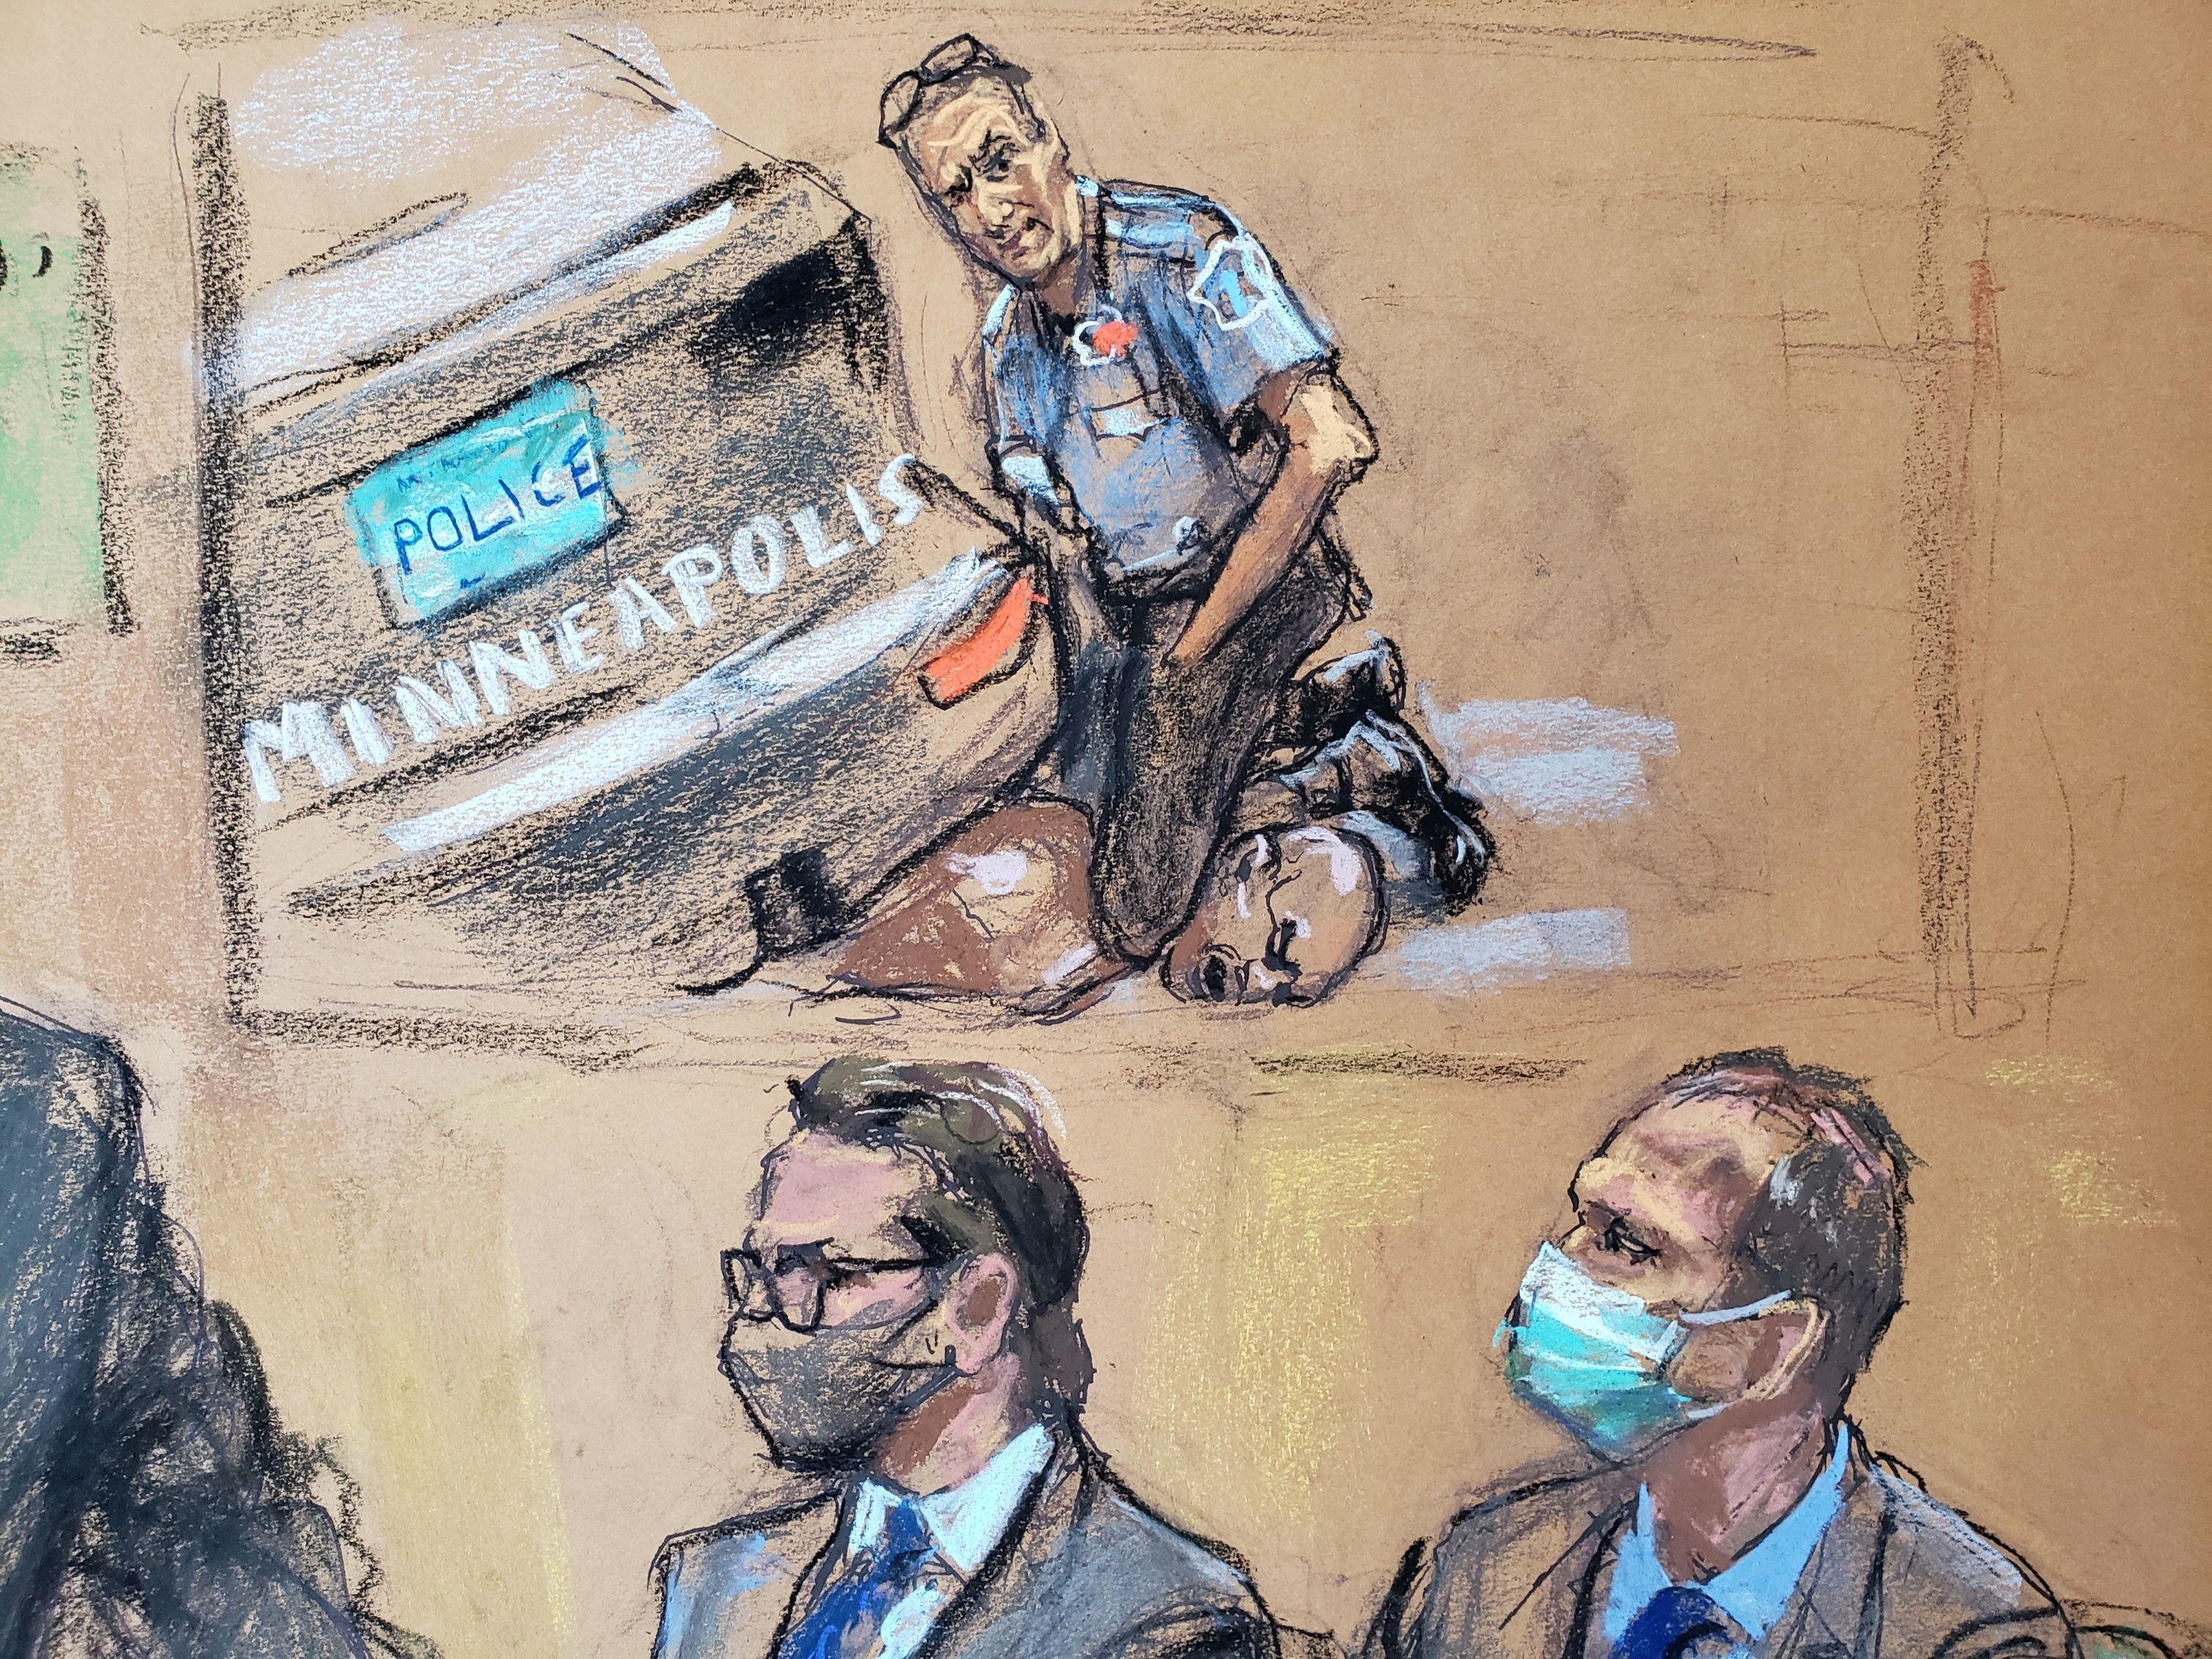 Ilustração do julgamento do ex-policial Derek Chauvin